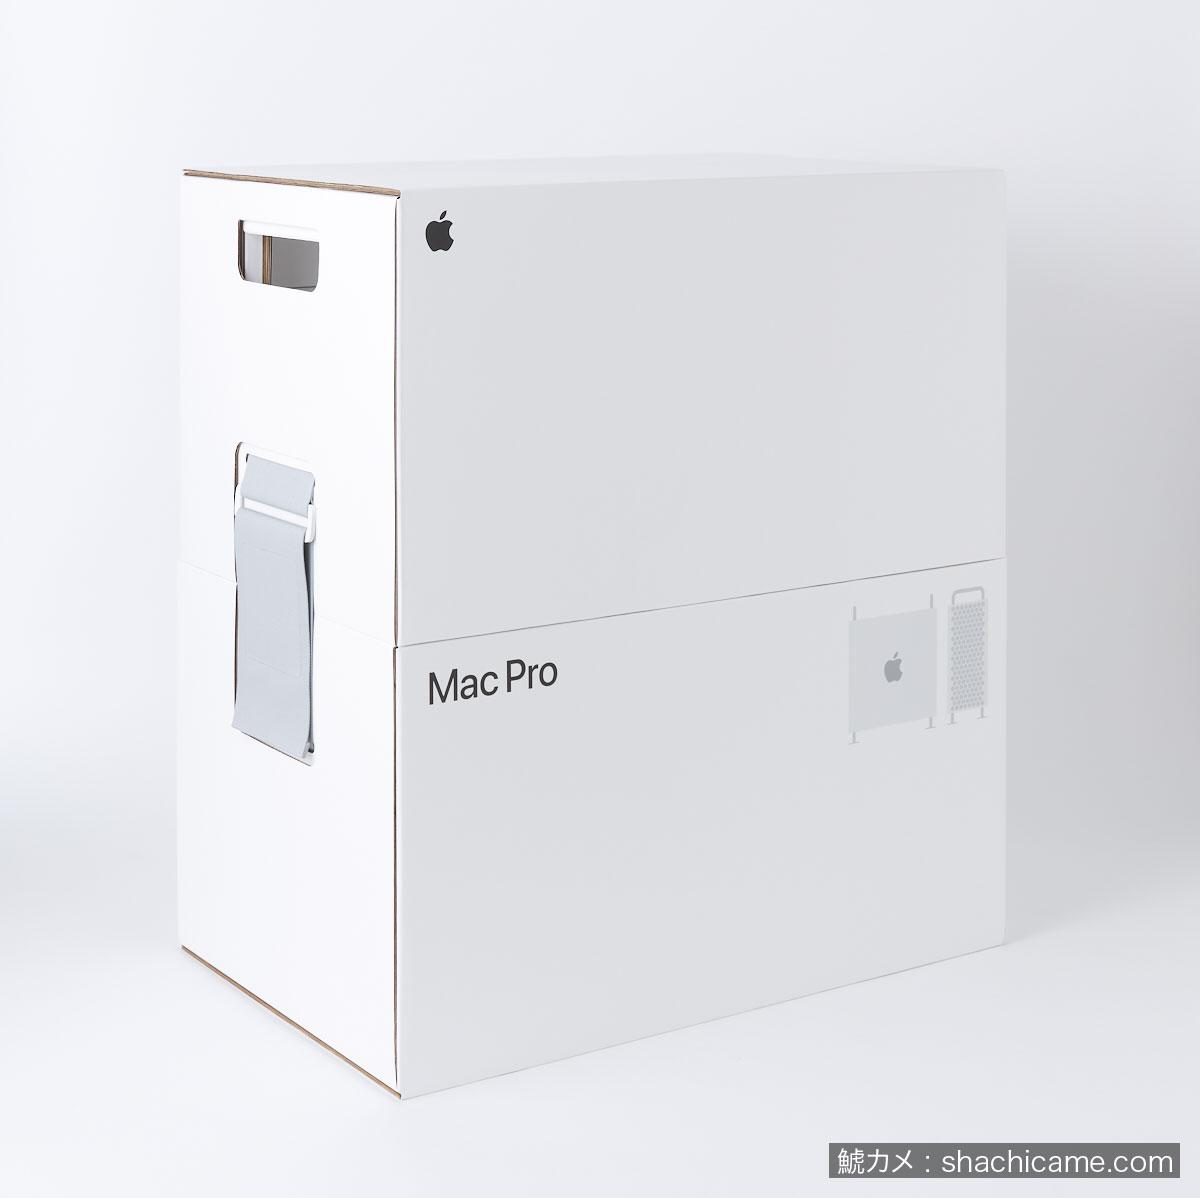 Mac Pro 2019 箱